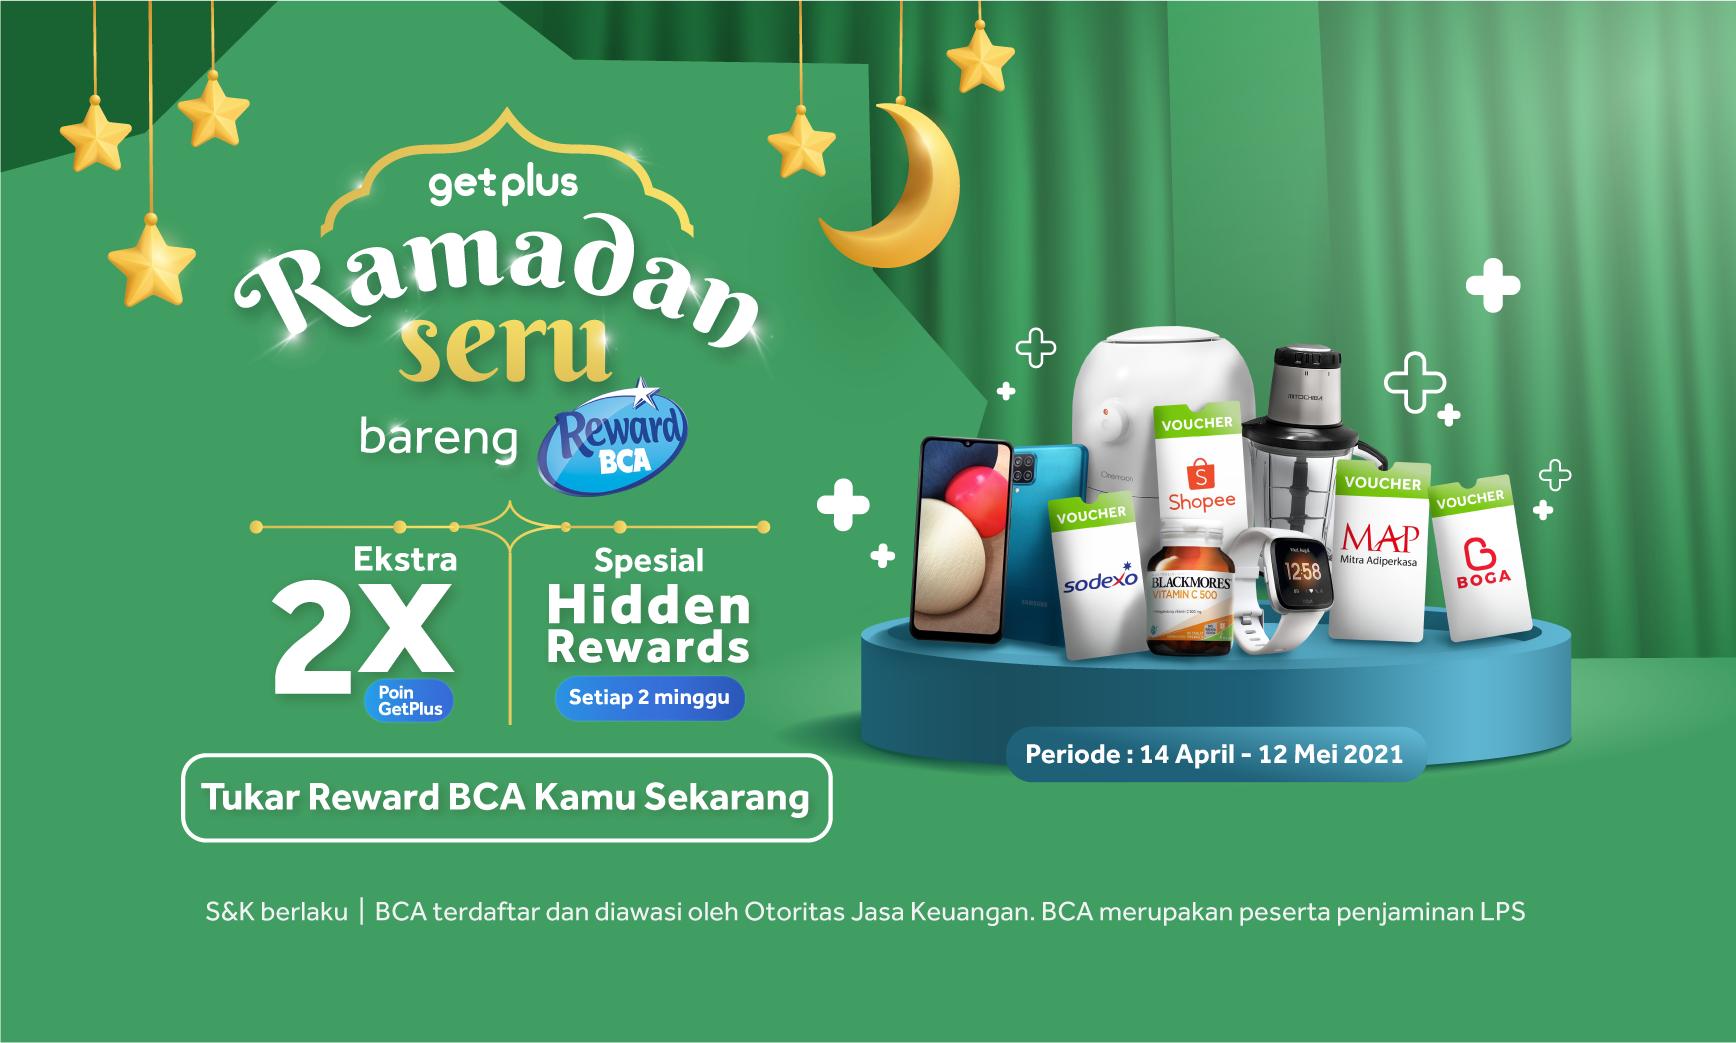 Ramadan Seru Bareng Reward BCA